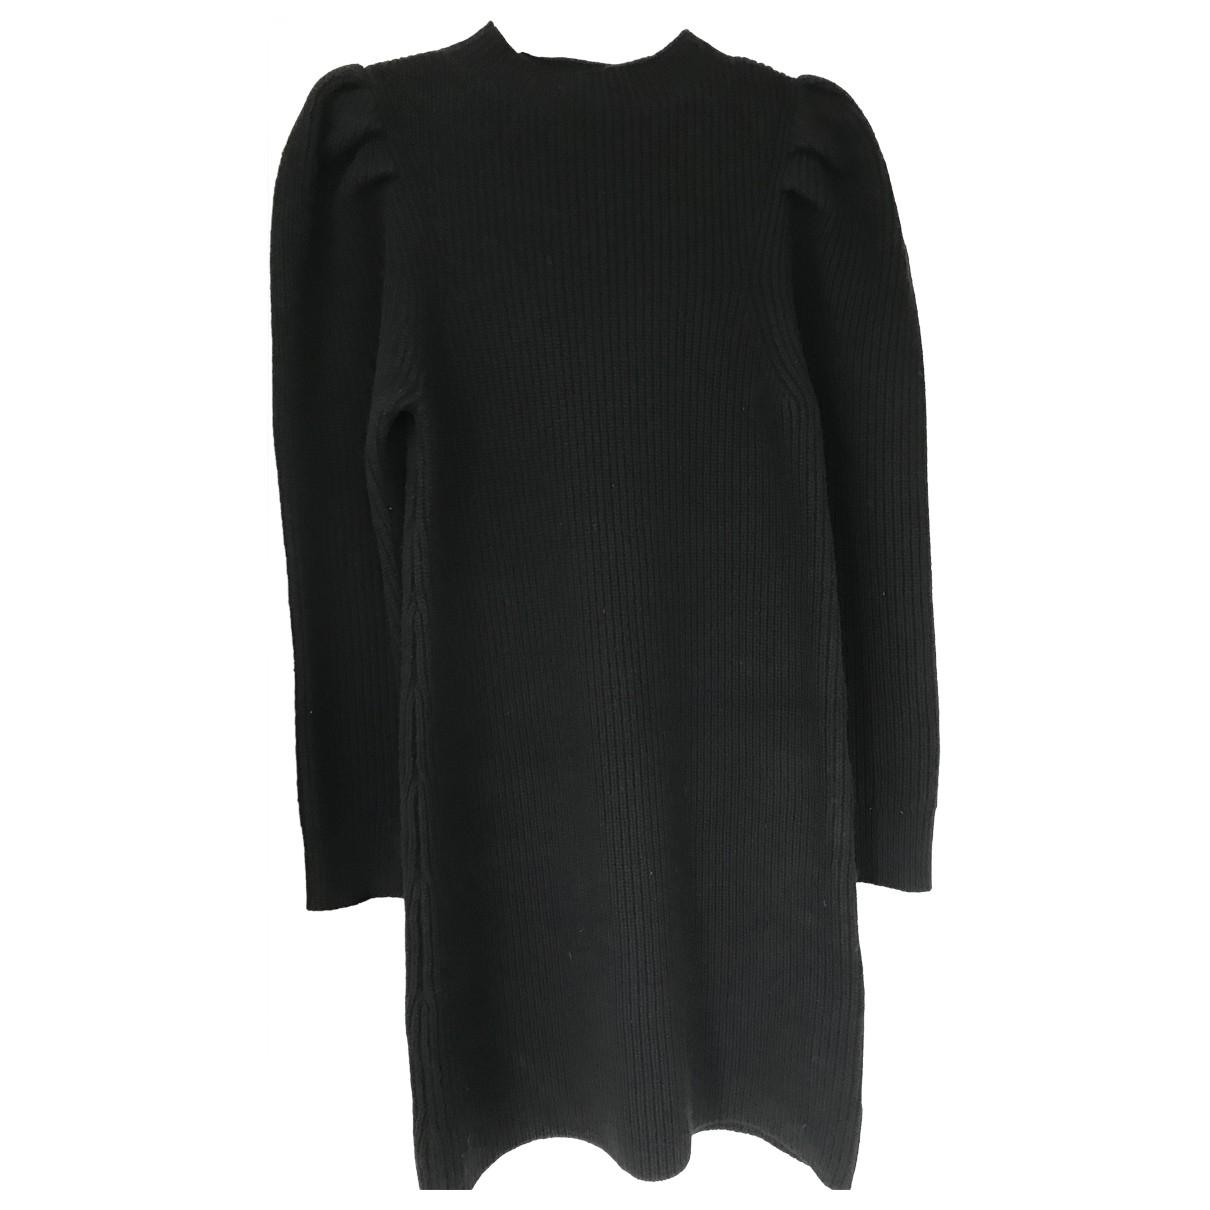 Sandro \N Black Wool dress for Women 40 FR